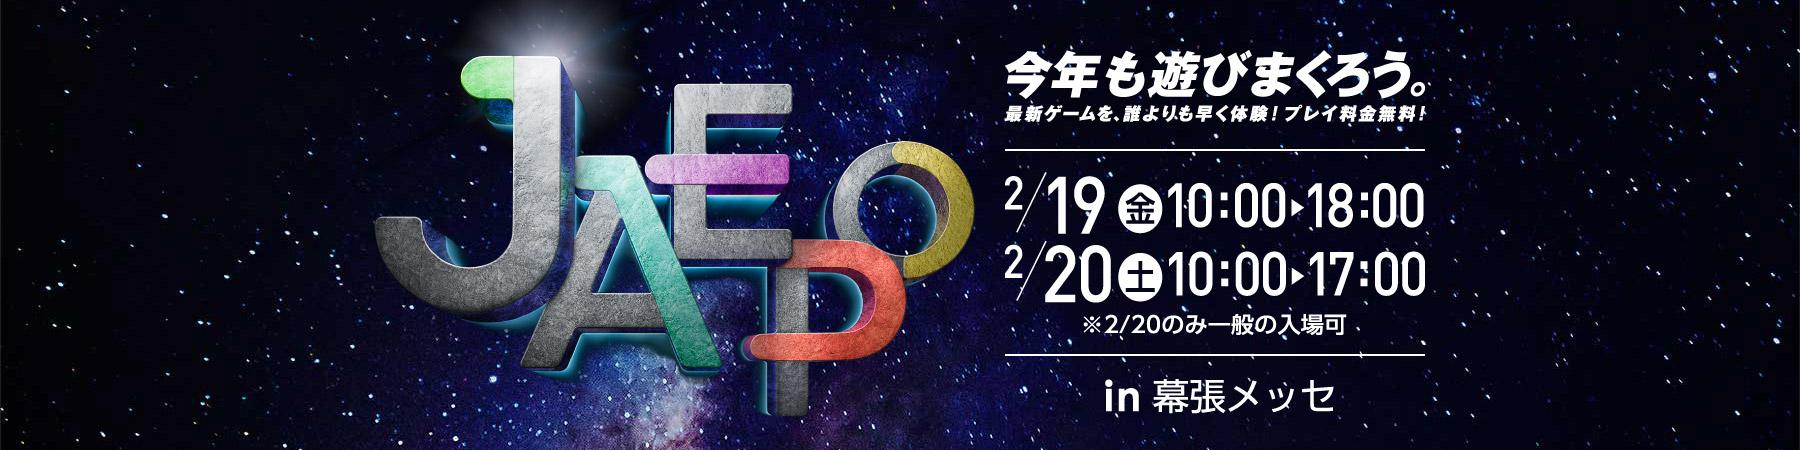 【あんスタ】JAEPO2016に並ぶ関連最新グッズ情報をお届け!